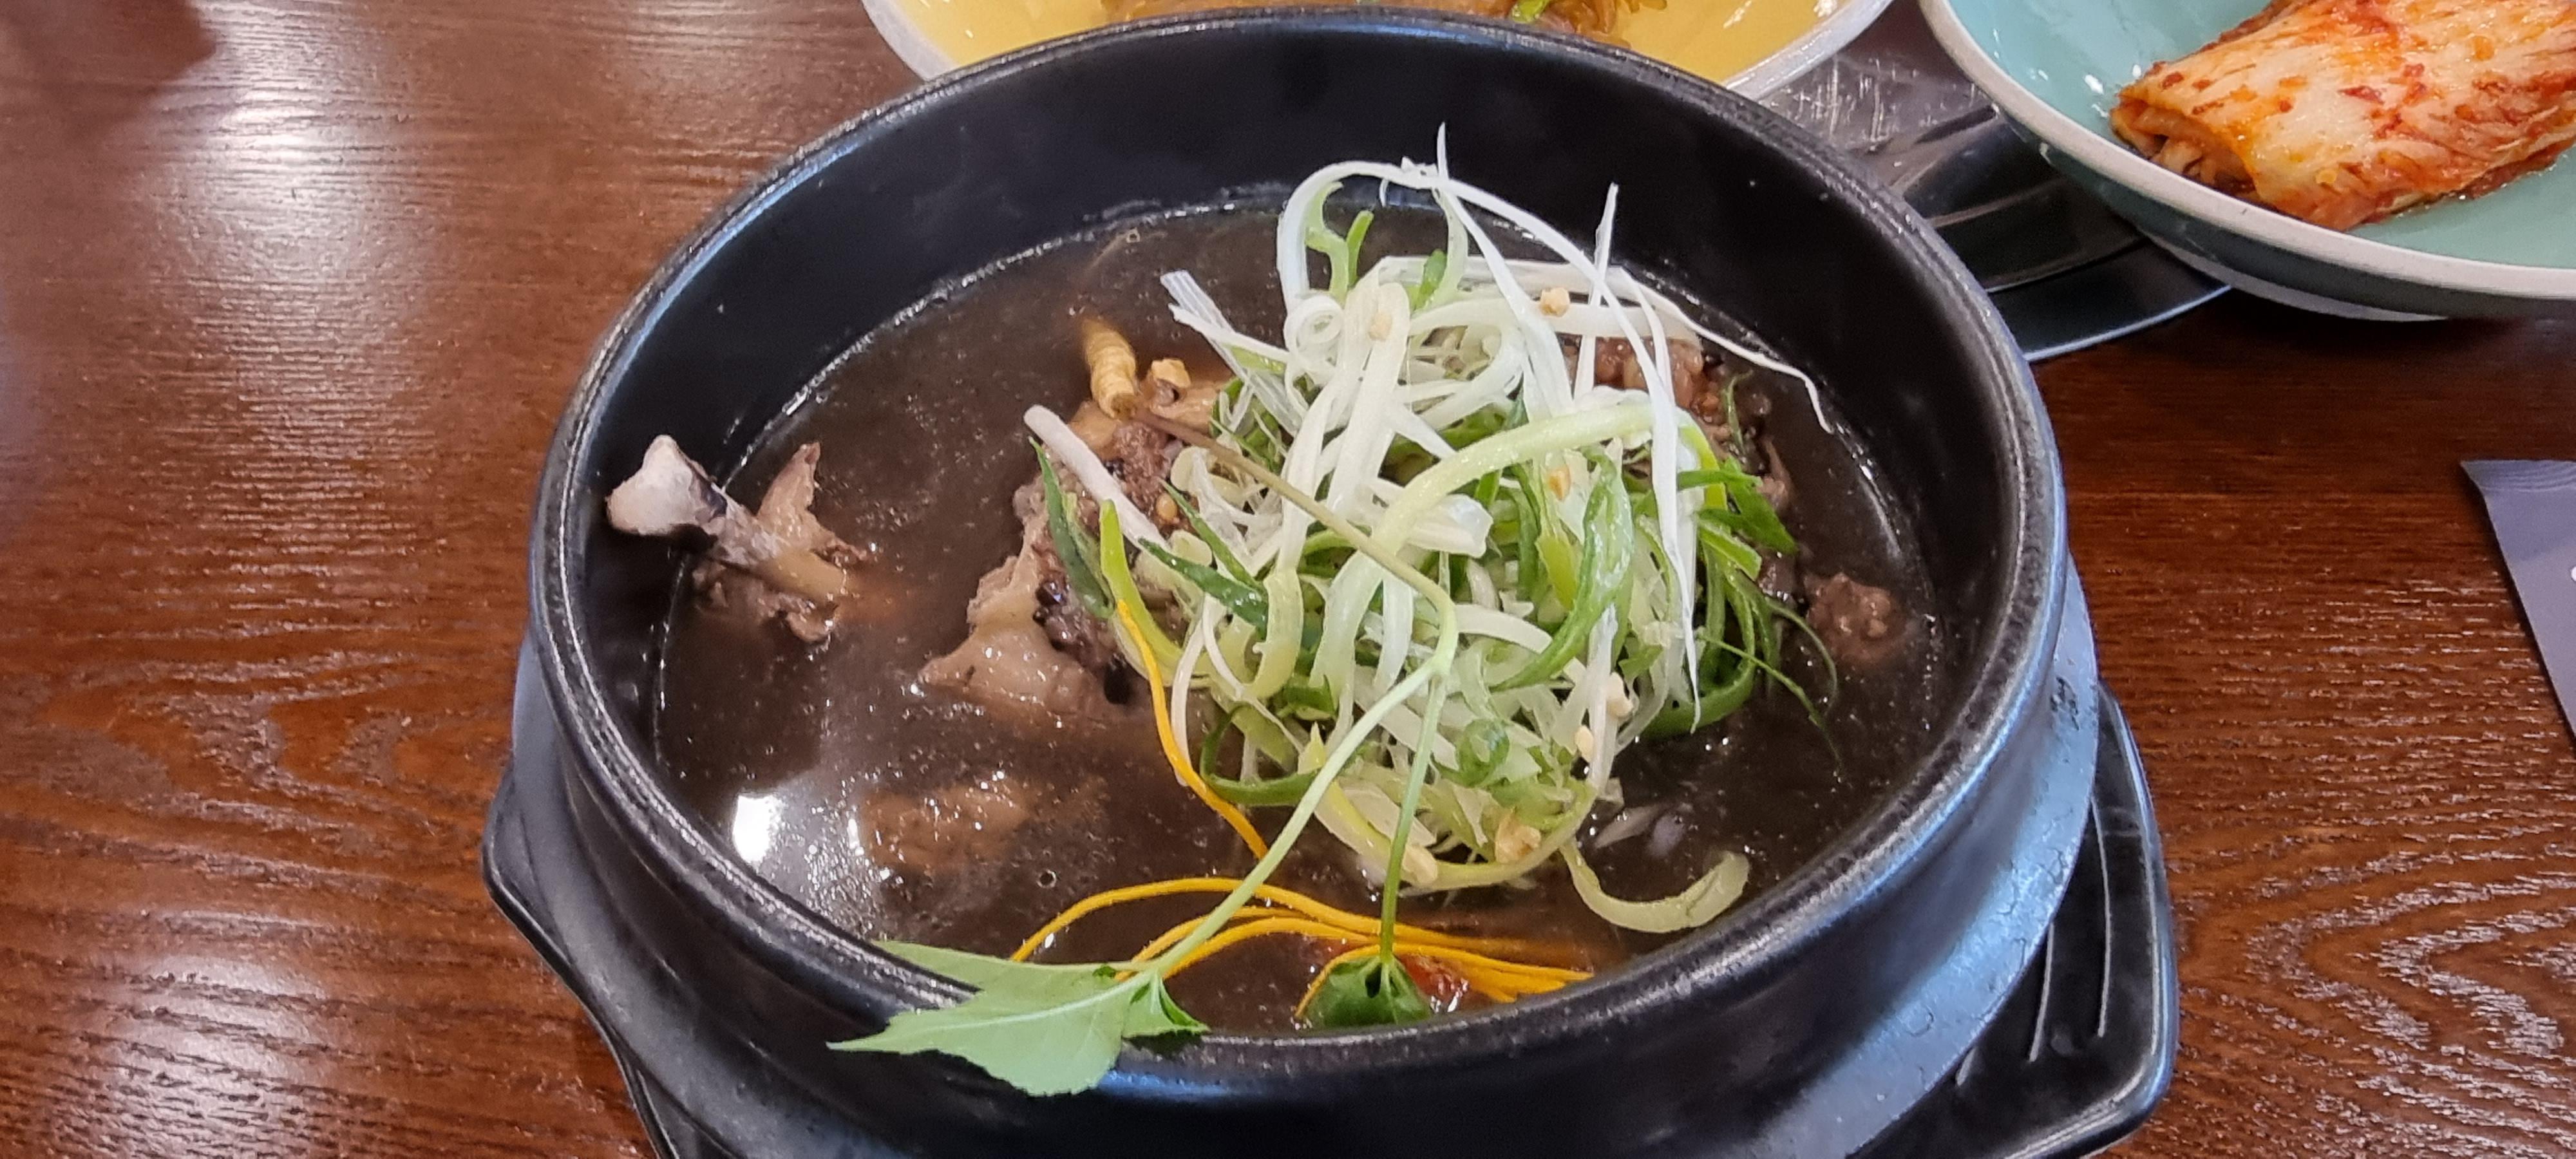 소래포구 건강밥상 심마니 능이버섯 삼계탕